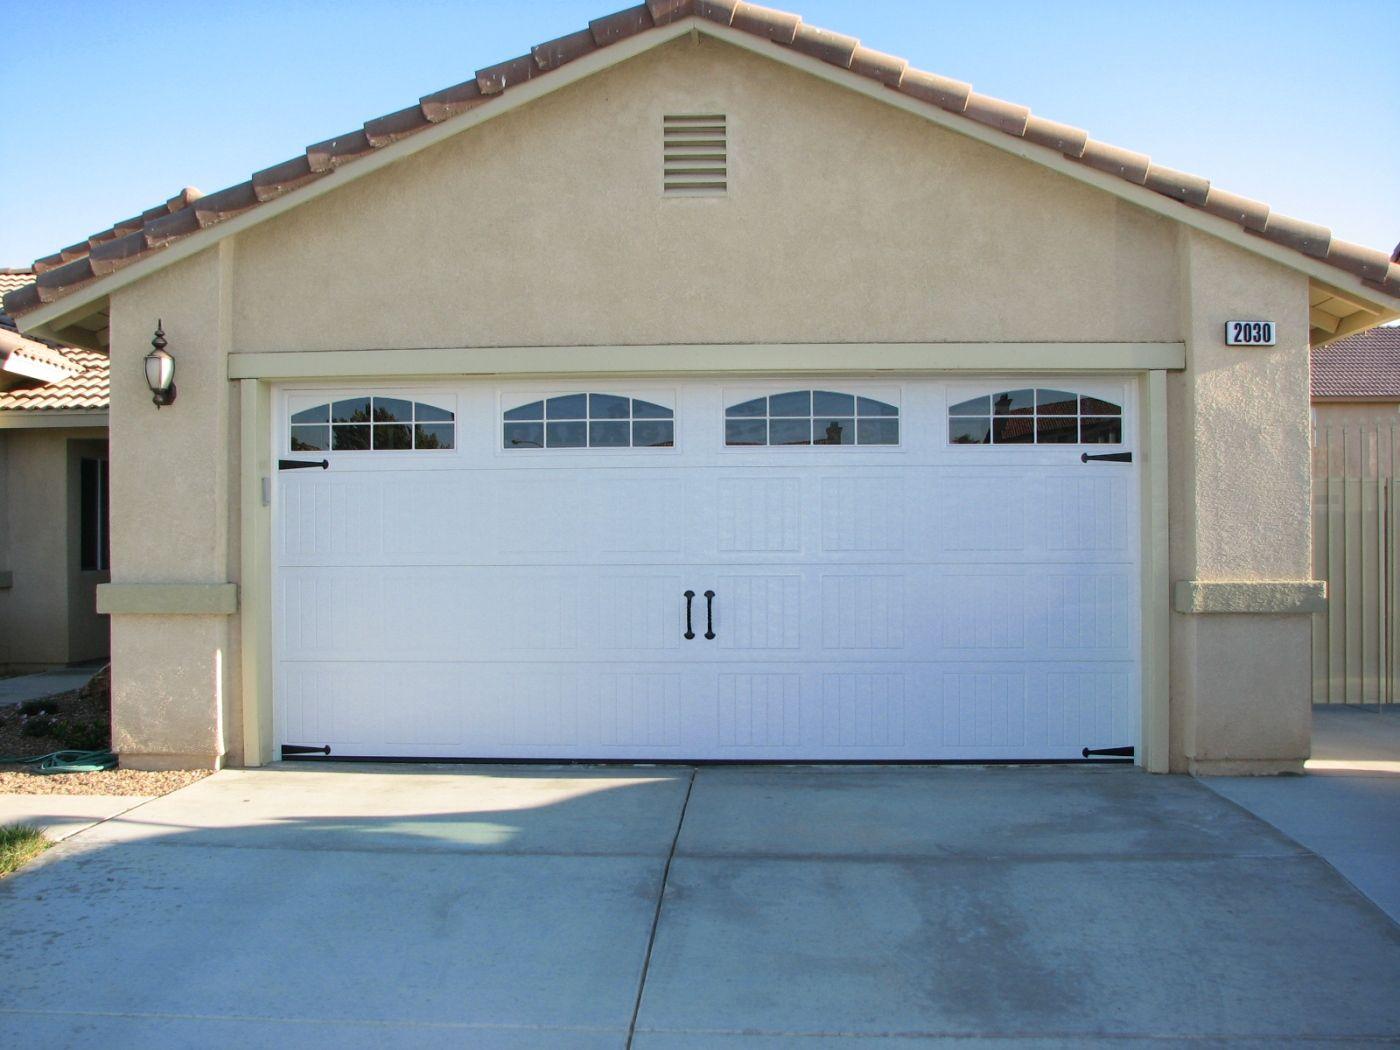 Doors Garage Door Decorative Hardware With A Large Garage White Color Combined Wall Color Gray Buildi Garage Door Installation Custom Garage Doors Garage Doors